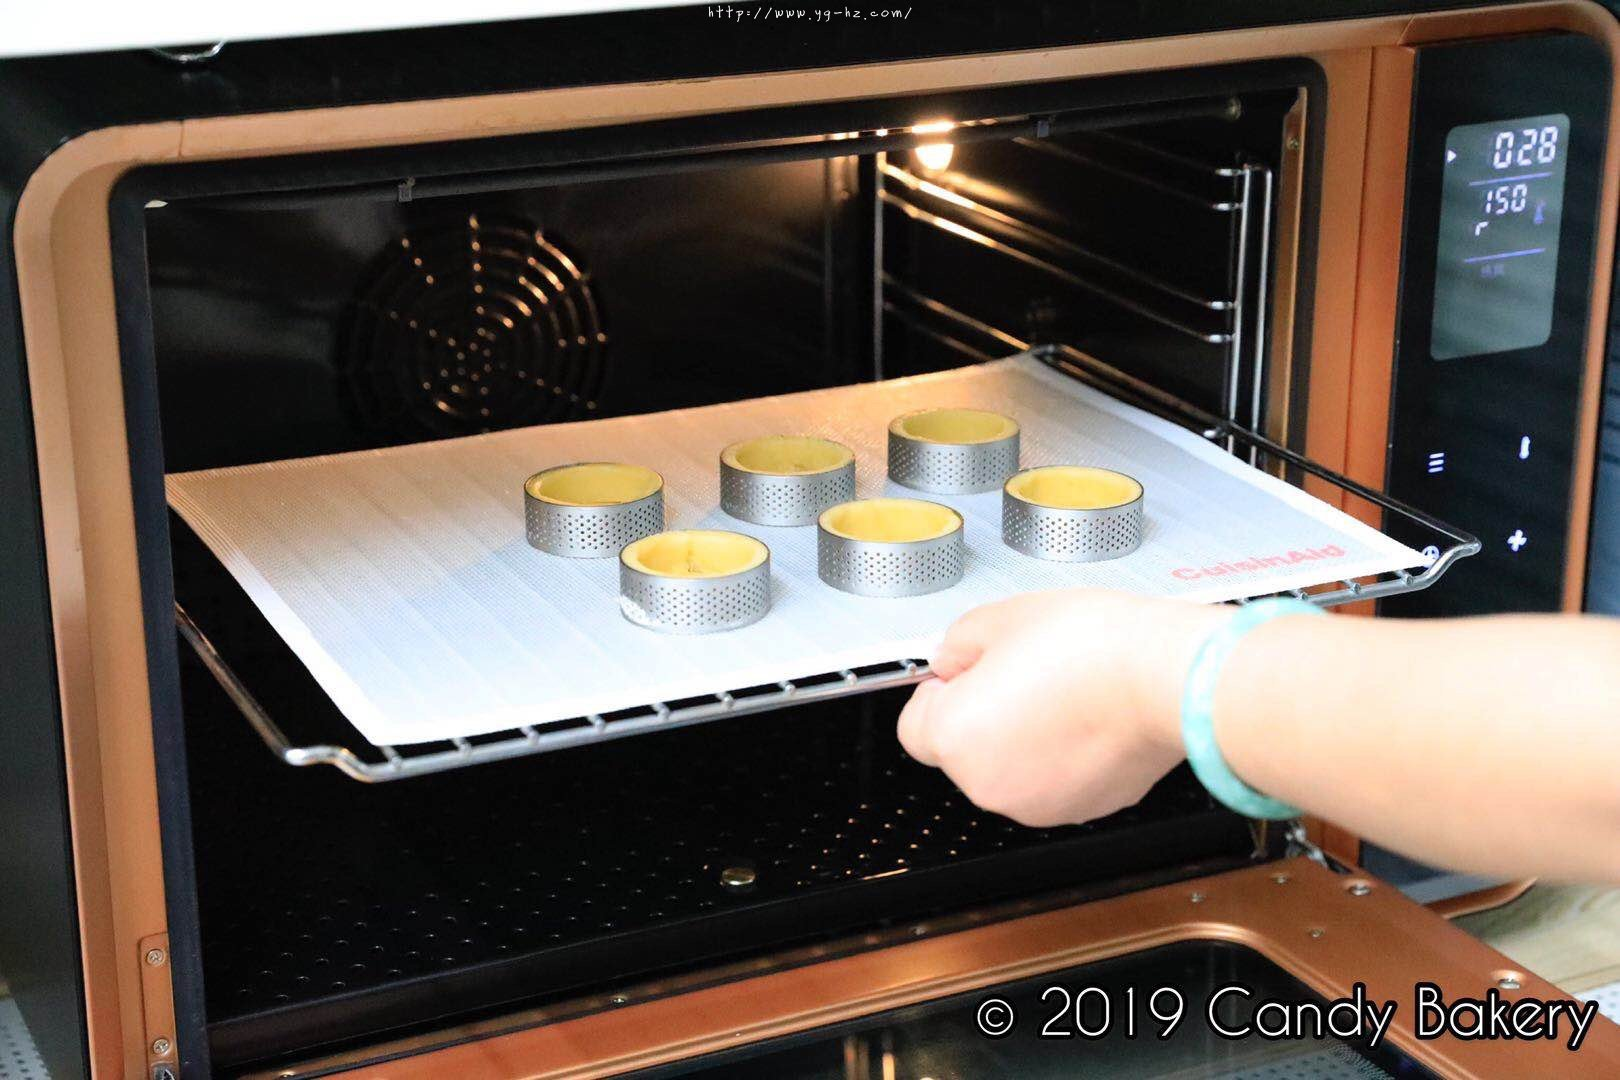 法式柠檬挞~夏日清爽法式甜点的做法 步骤6